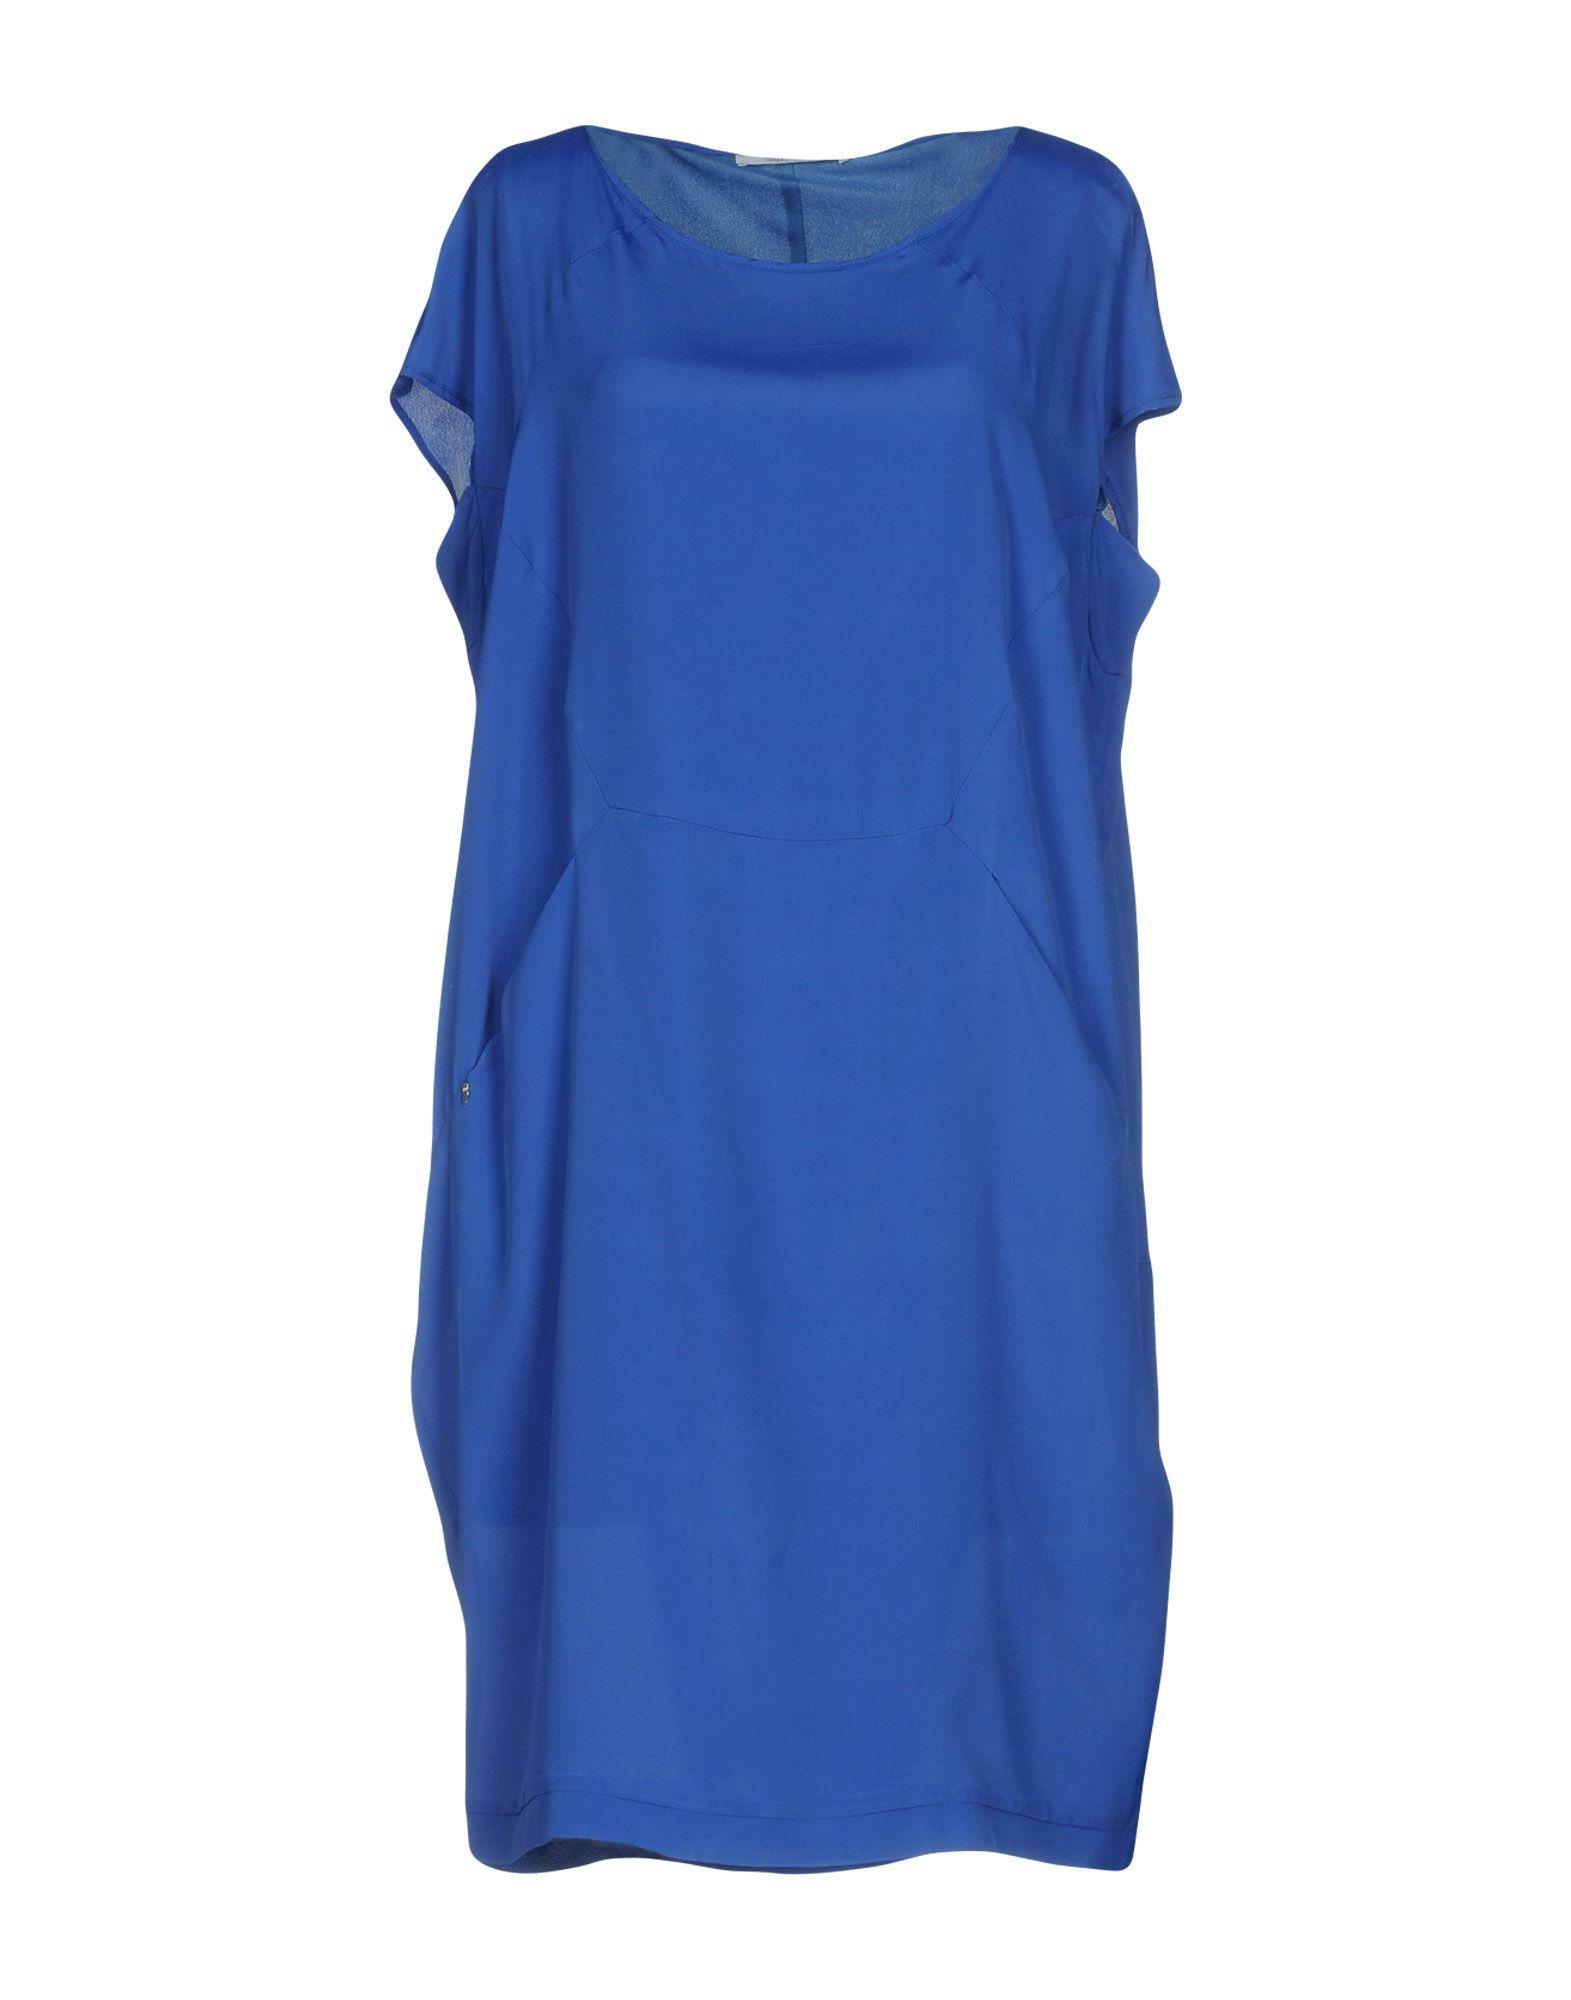 OBLIQUE CREATIONS Damen Kurzes Kleid Farbe Königsblau Größe 9